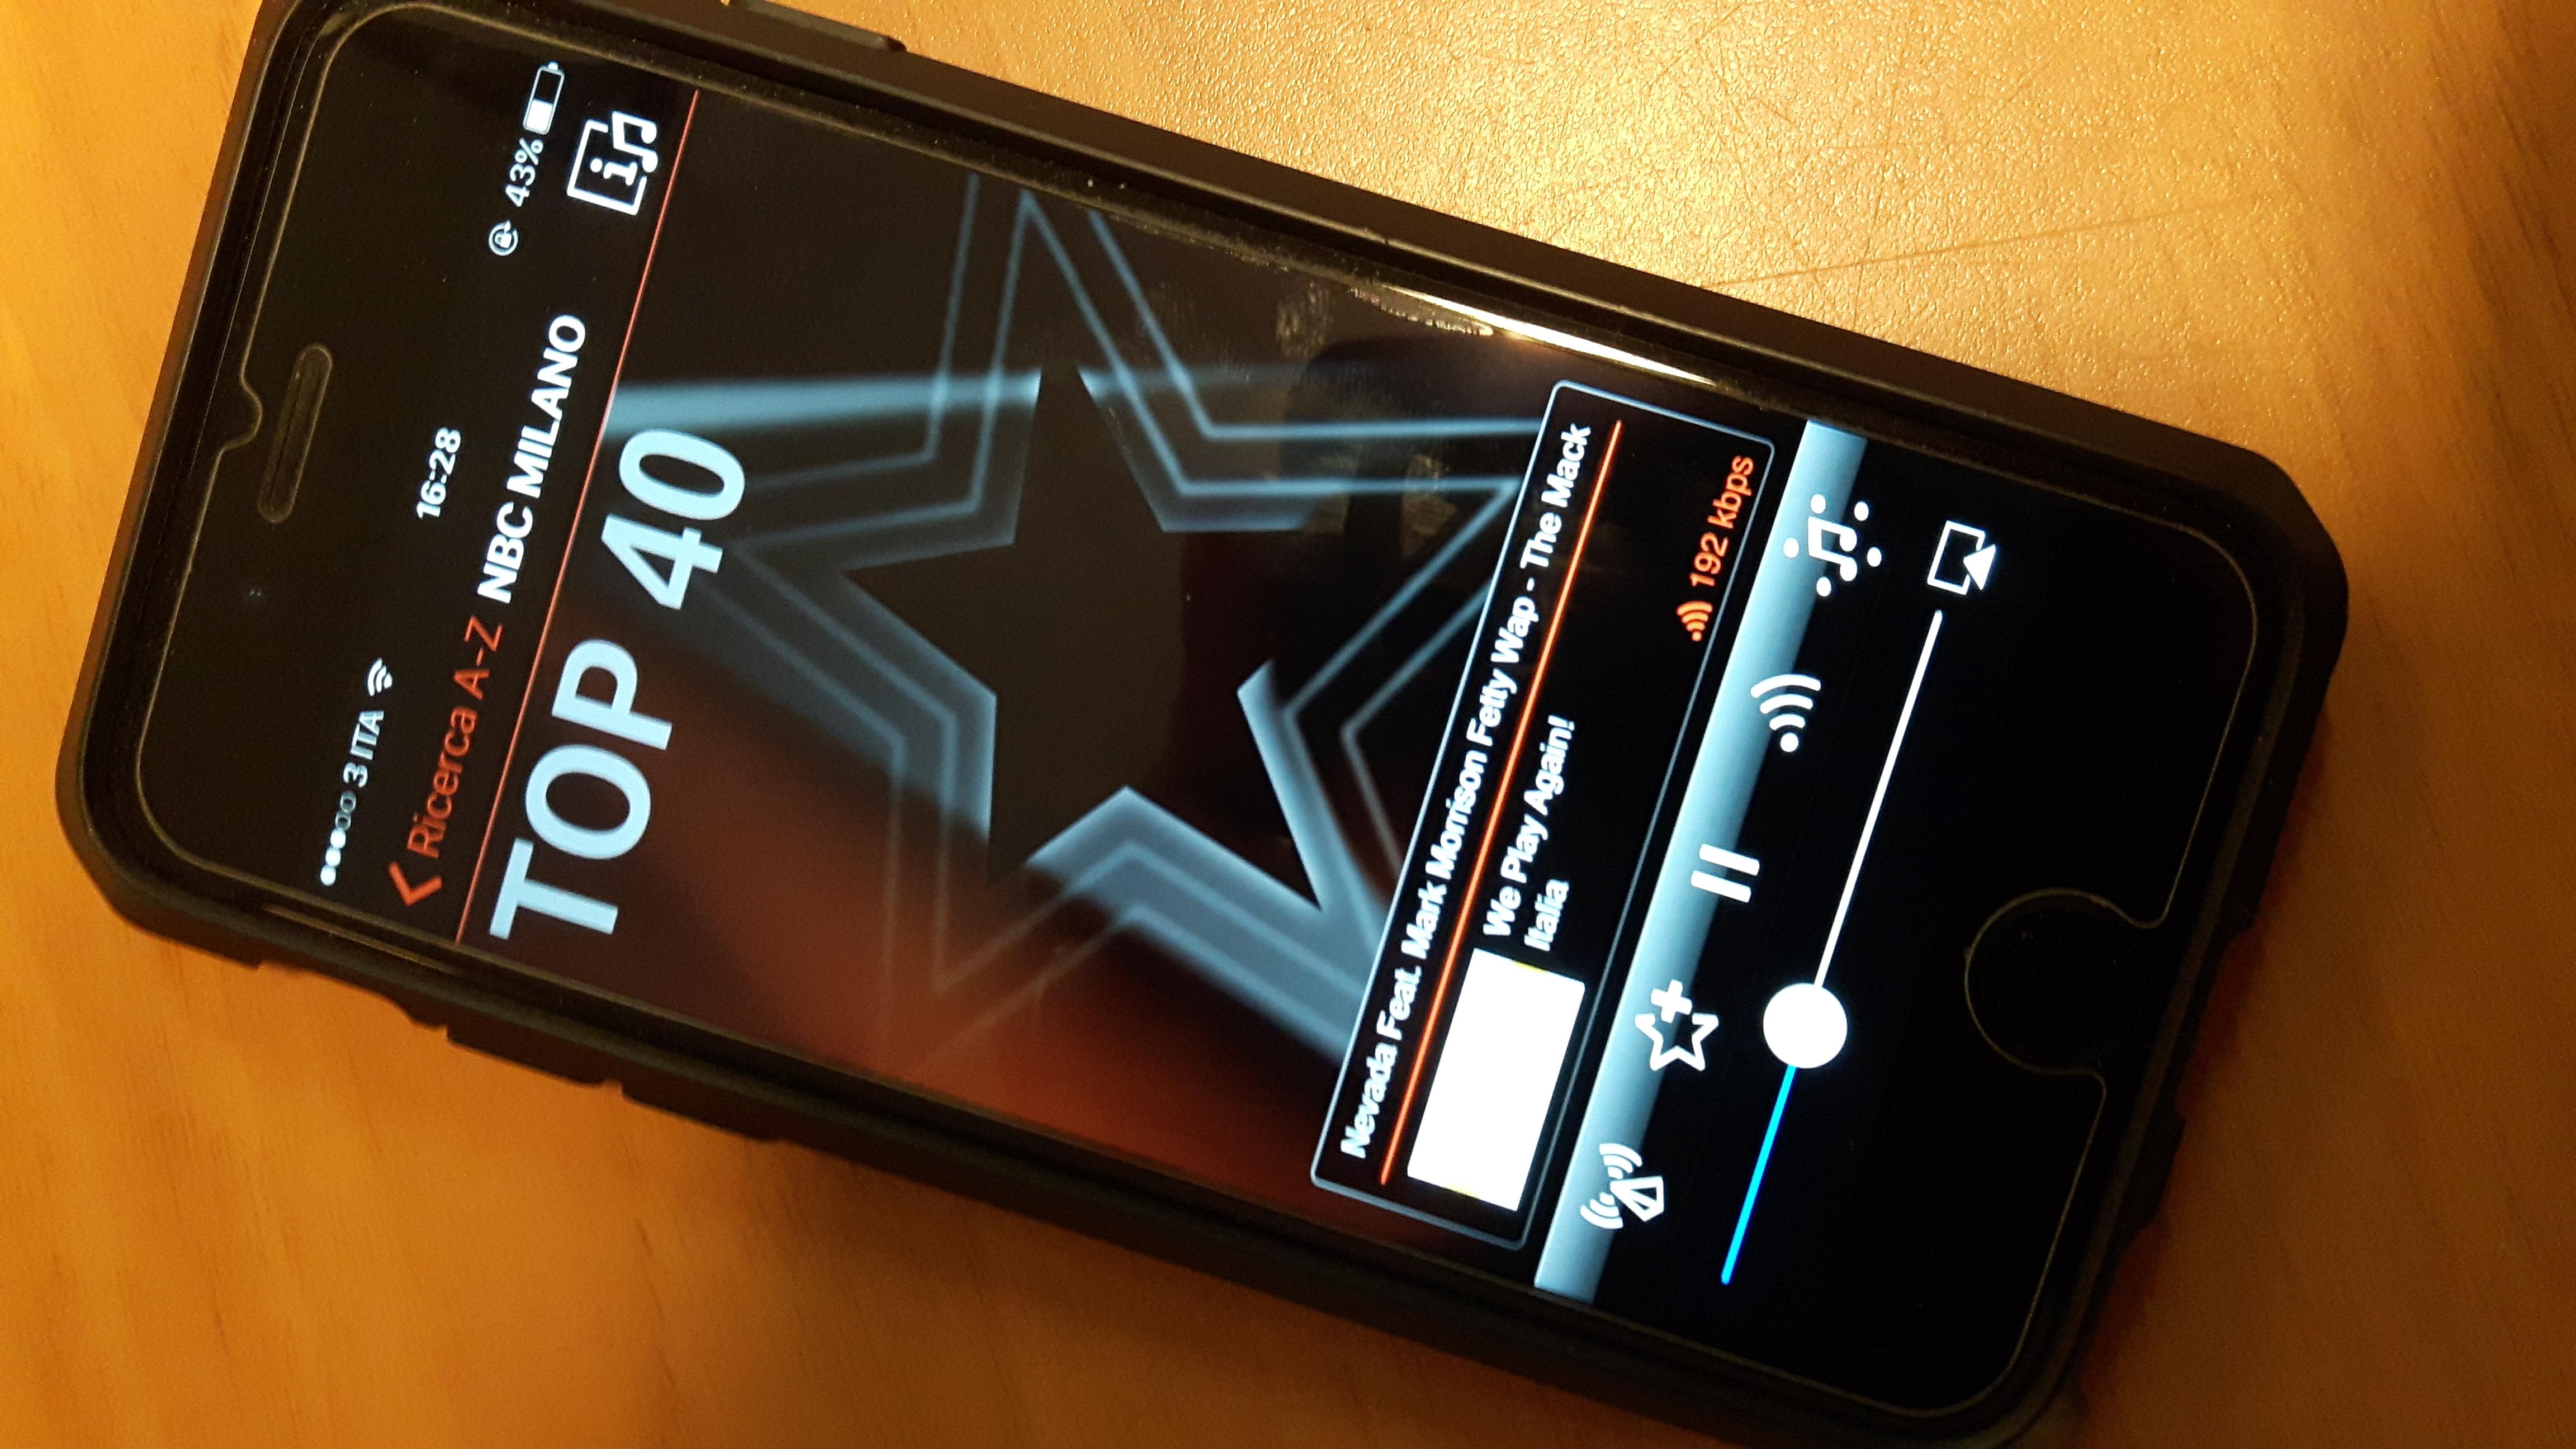 NBC BMW App - Radio. In arrivo le tariffe flat che lanceranno lo streaming in mobilità accelerando il processo di transizione radiofonico verso l'ambito numerico ibrido